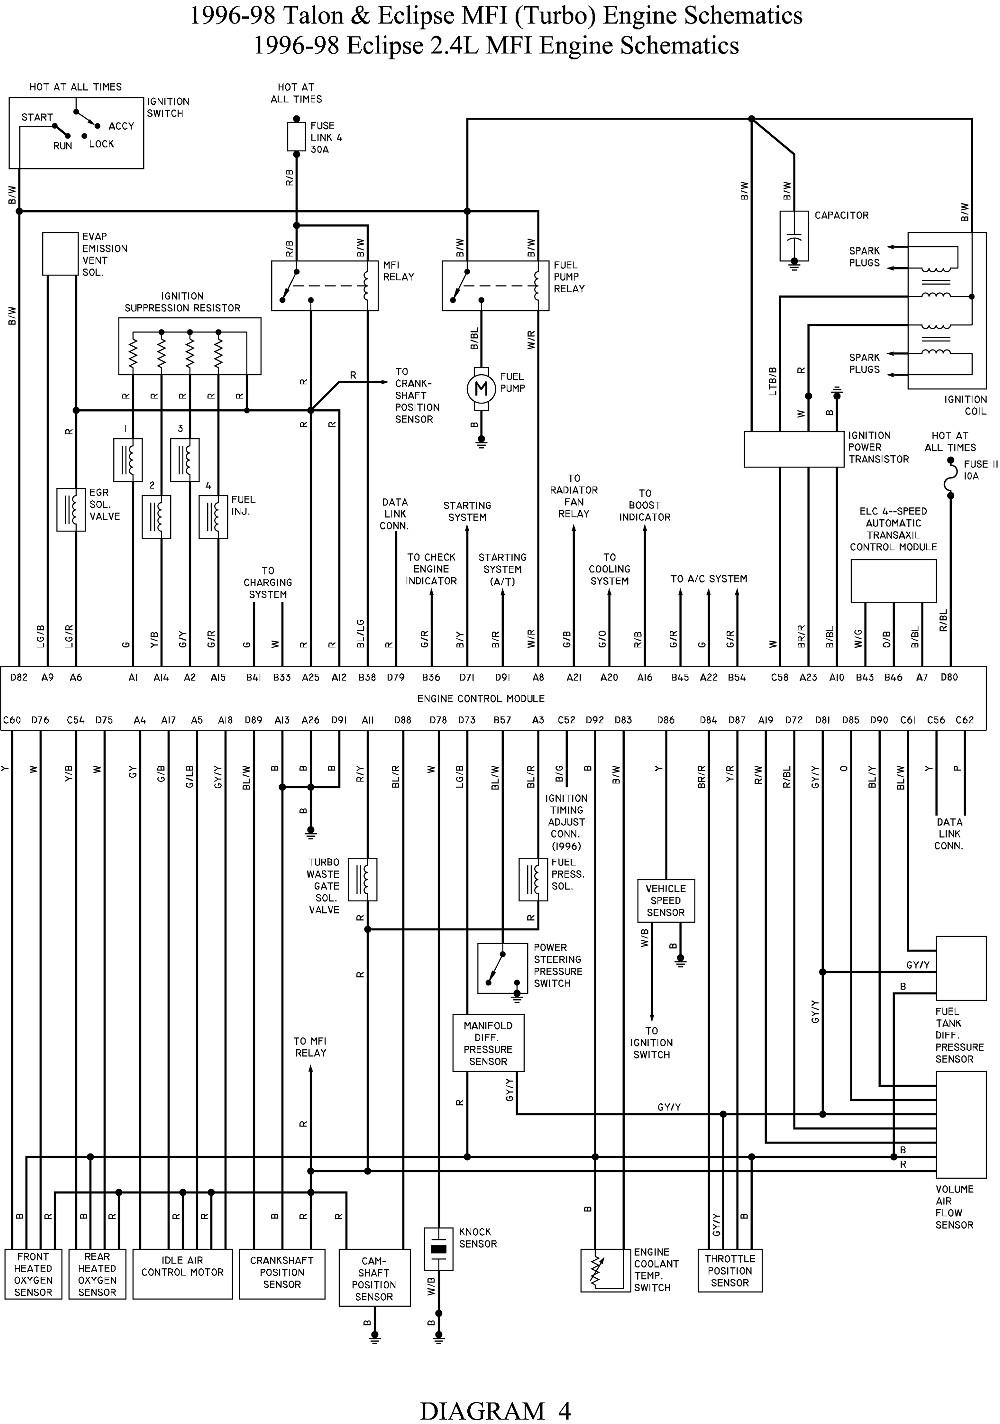 2000 mitsubishi lancer engine wiring diagram gt 1032  stereo wiring diagram mitsubishi mirage download diagram  stereo wiring diagram mitsubishi mirage